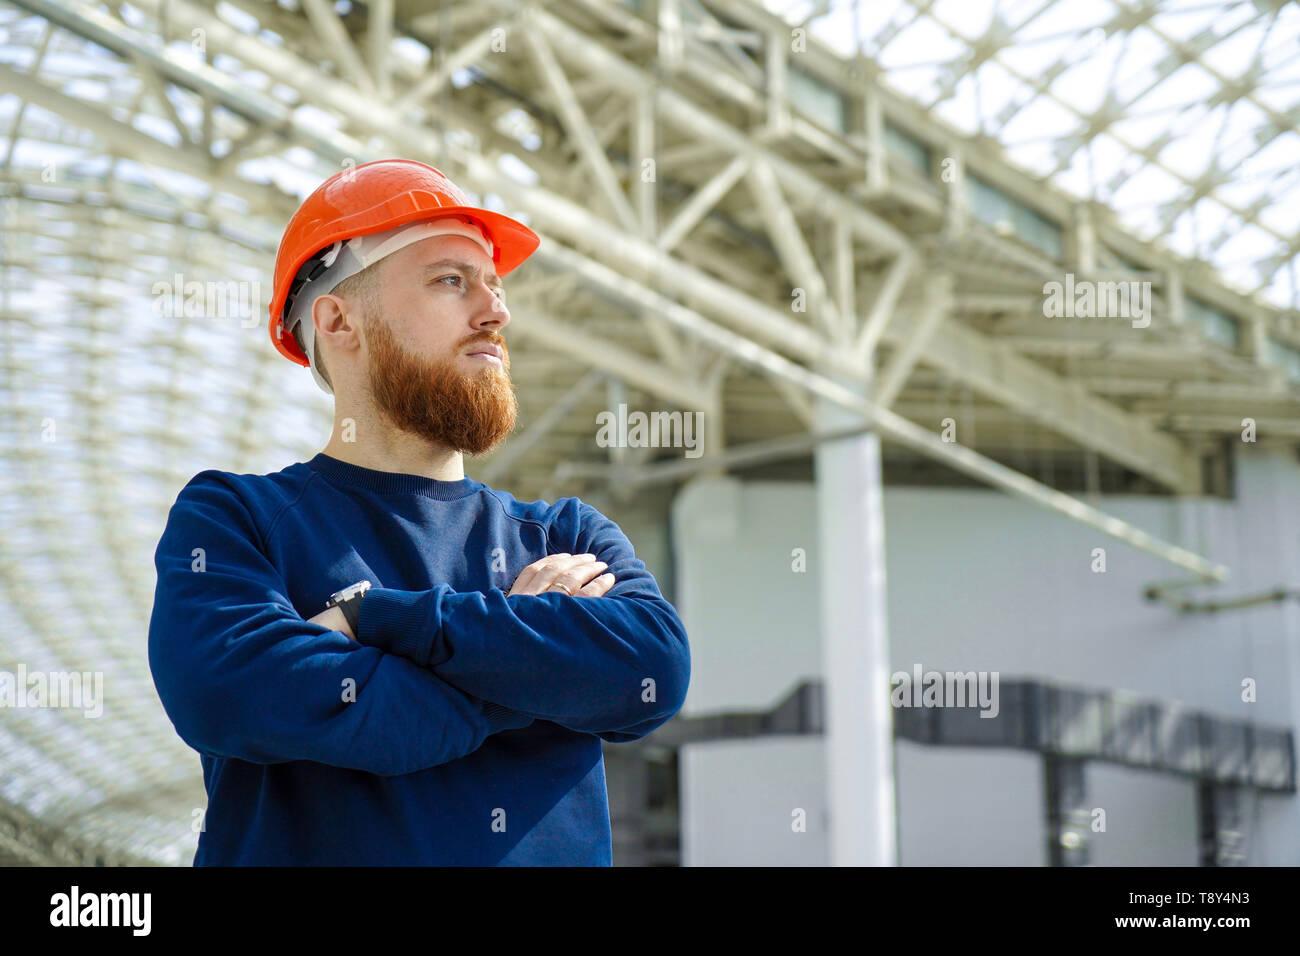 Il piano media ritratto di un uomo adulto in un casco attraversato le sue braccia, valuta, studi, guarda al lato orizzontale, libera spazio per la firma Immagini Stock